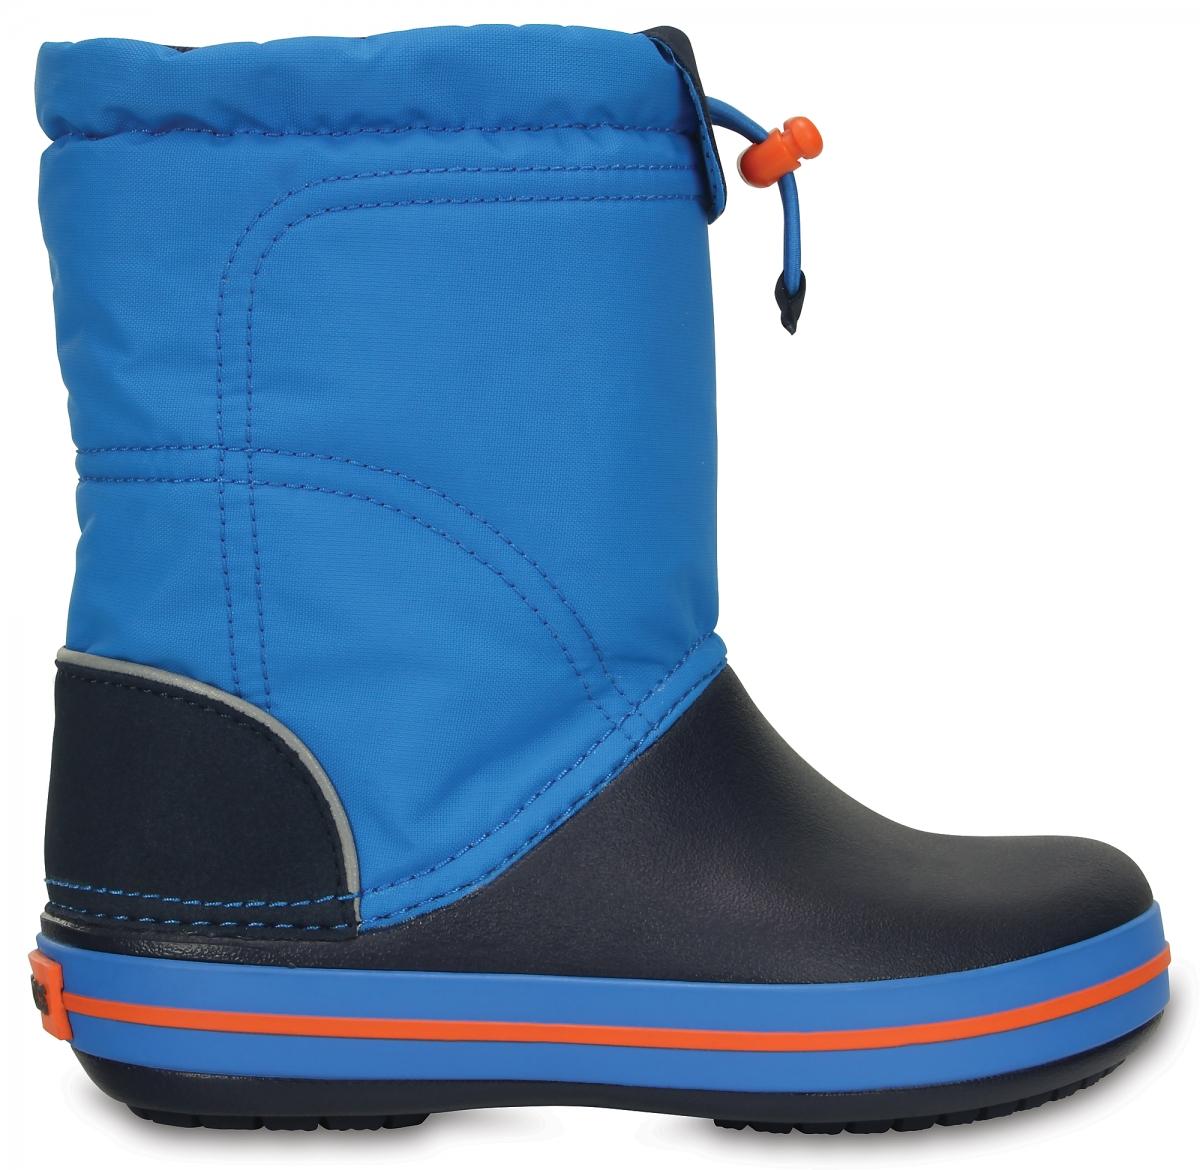 Crocs Crocband LodgePoint Boot Kids Ocean/Navy, C9 (25-26)